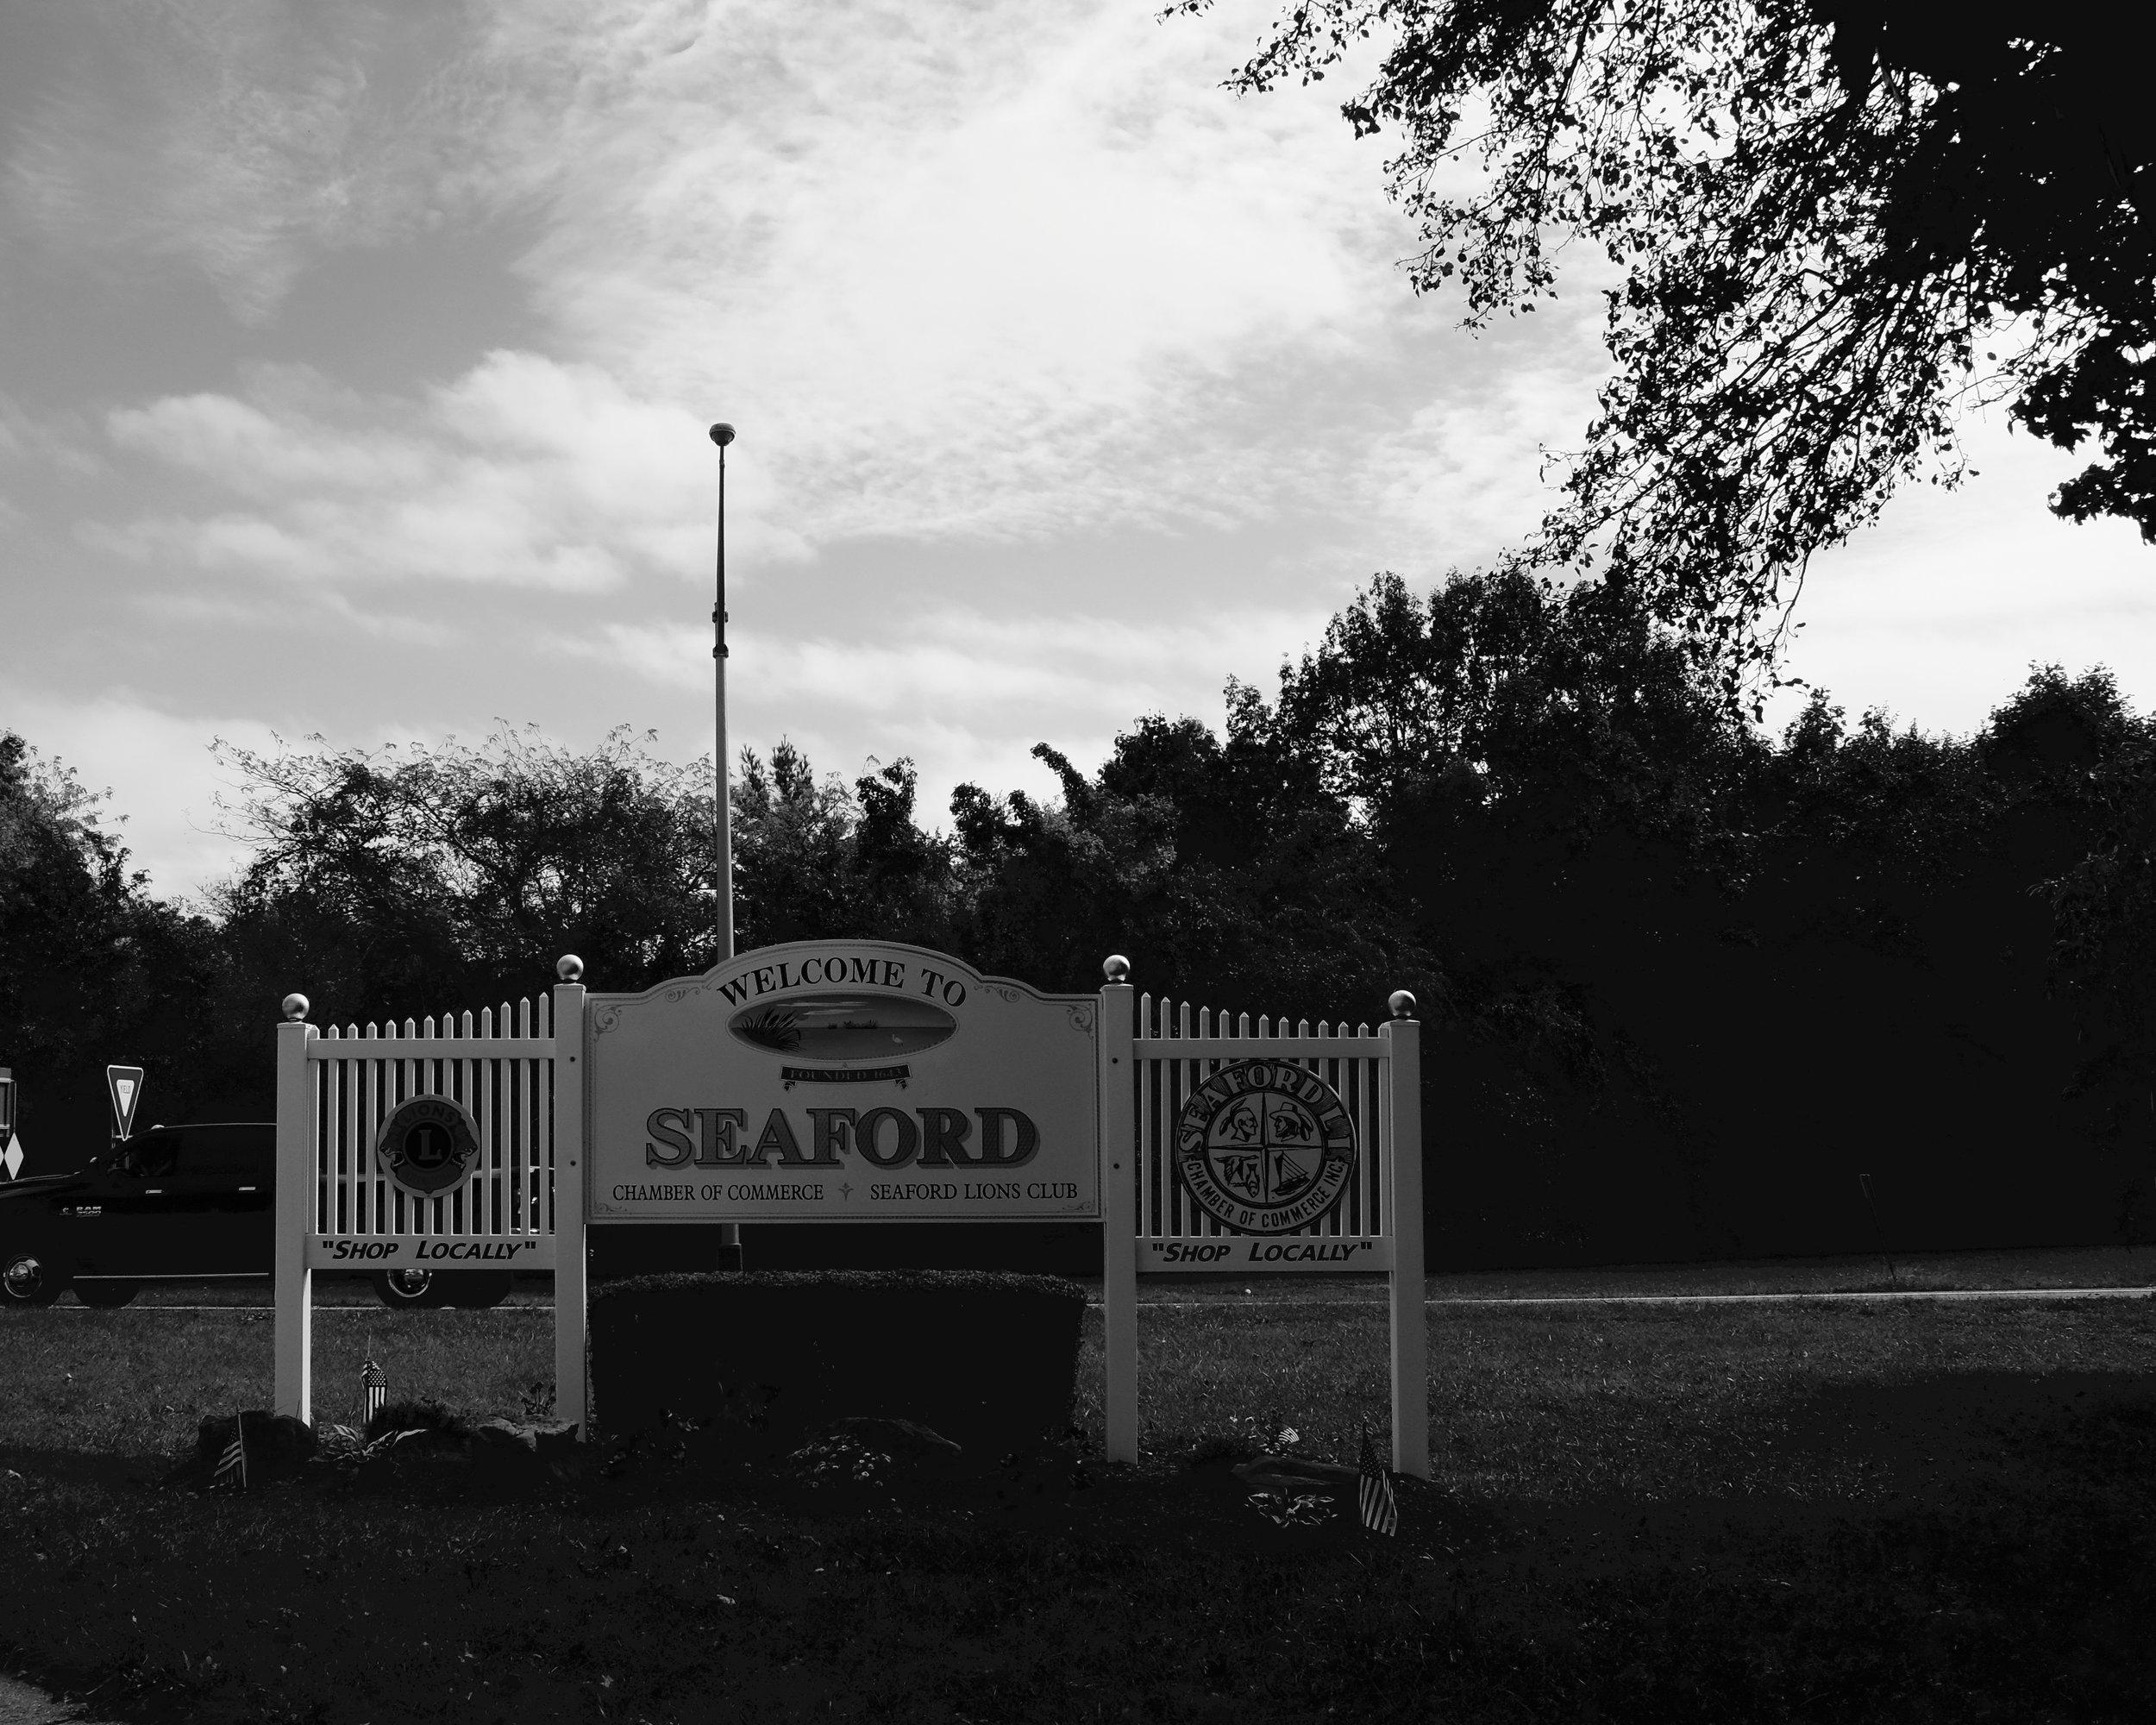 Seaford, NY